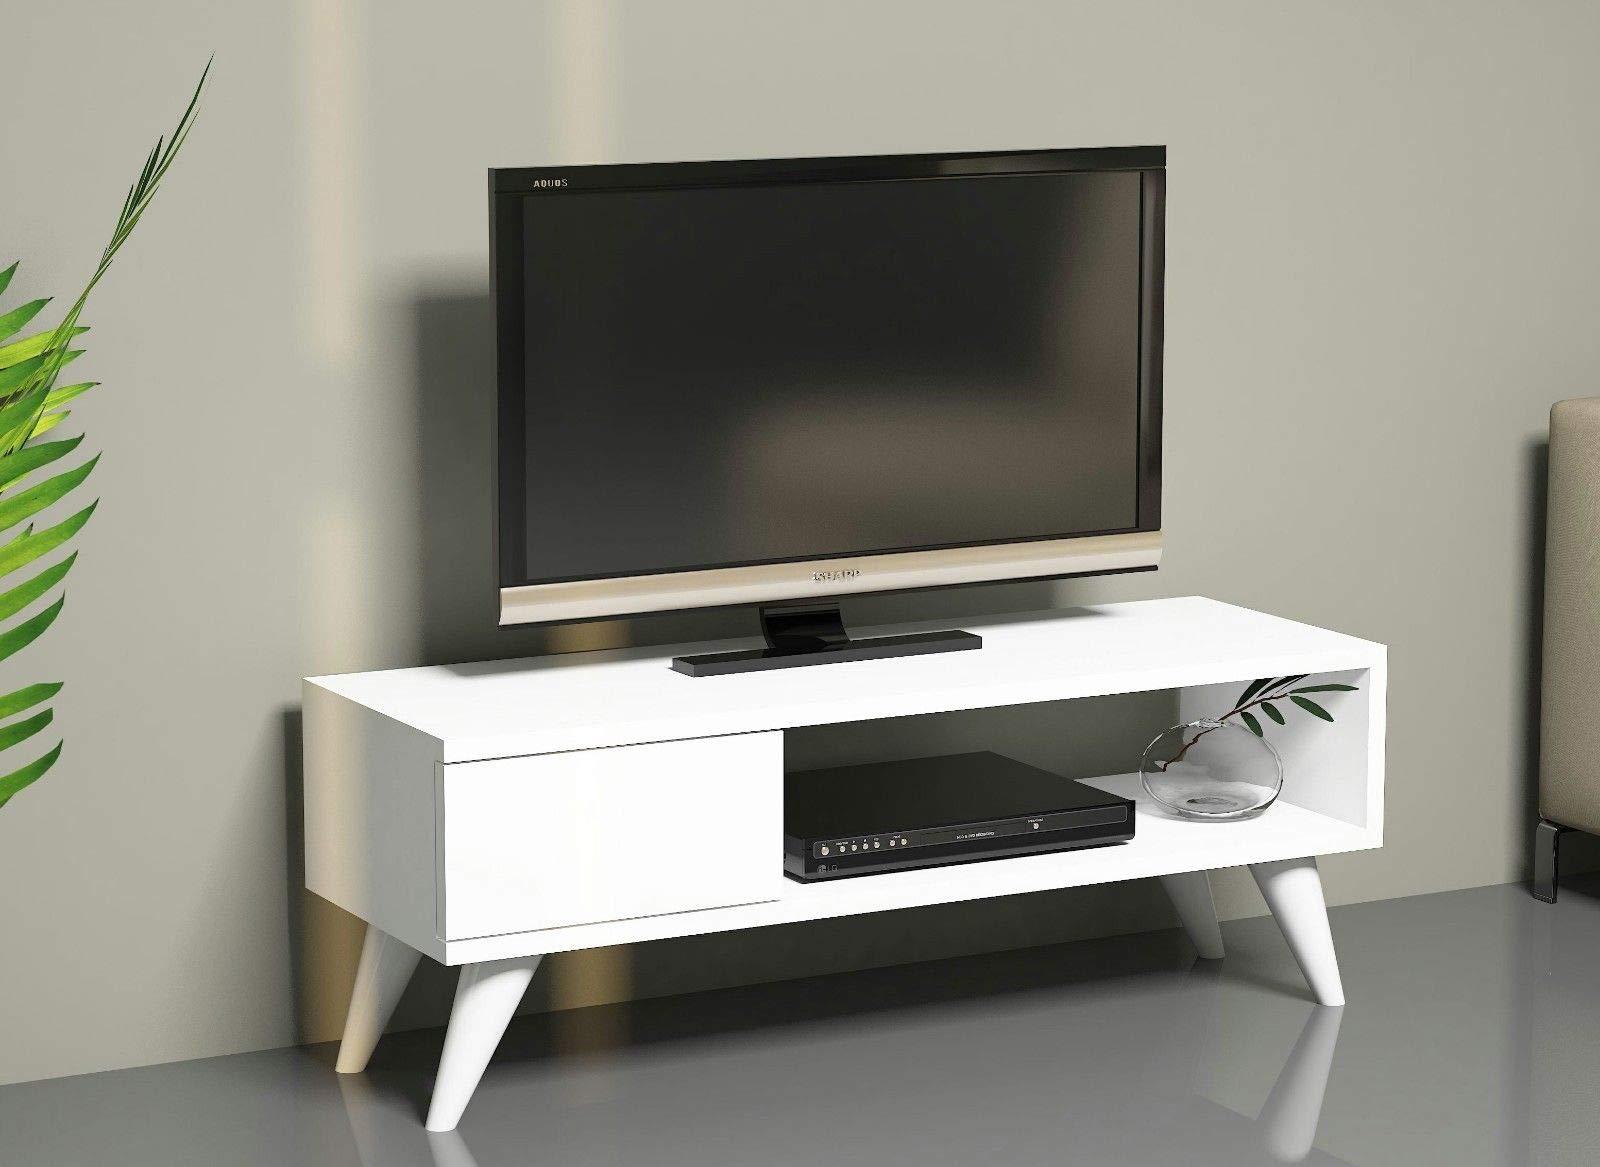 Reboz - Mueble bajo para televisor (90 cm): Amazon.es: Juguetes y juegos